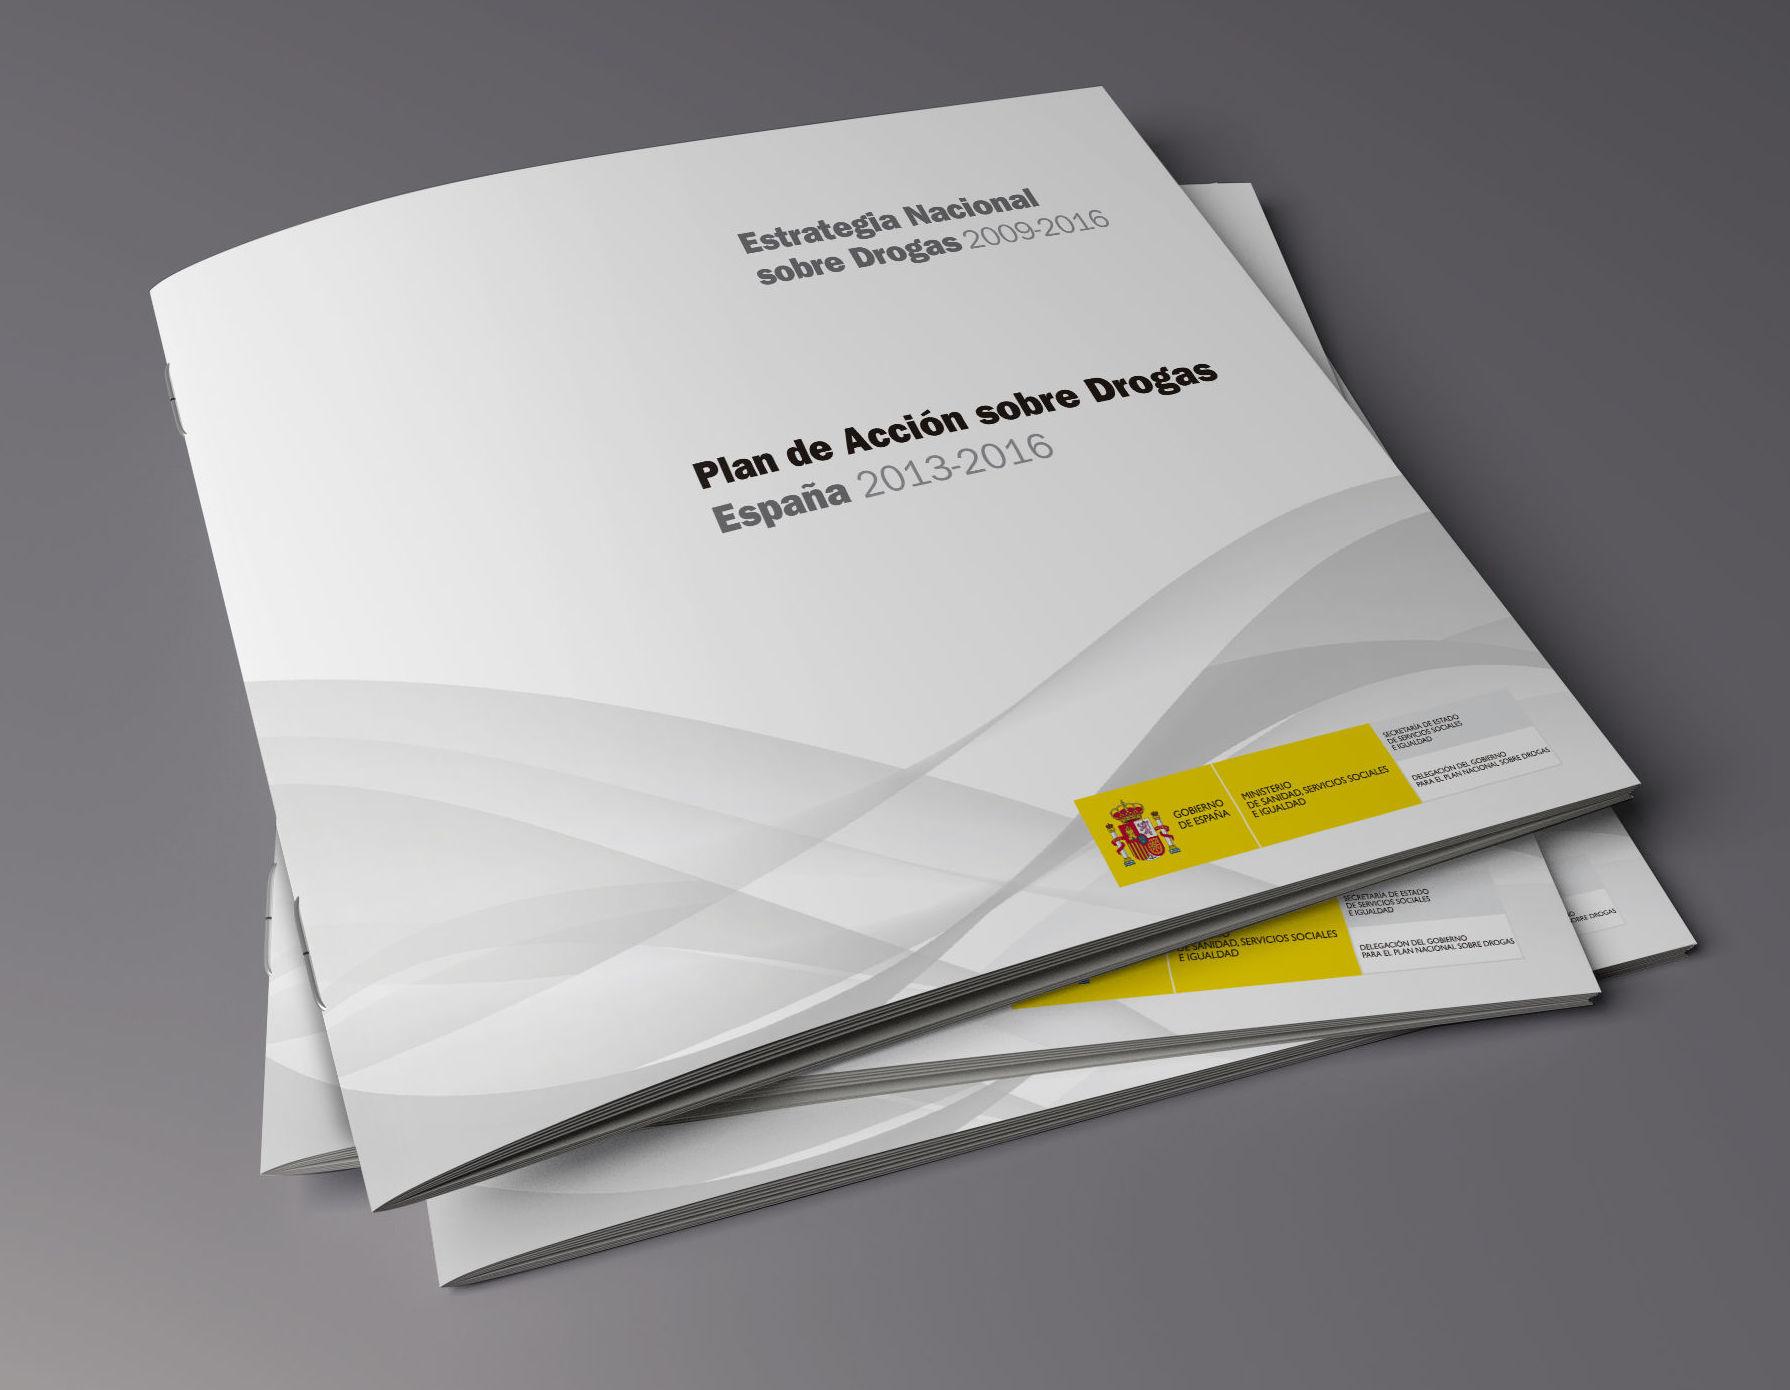 Diseño y Maquetación : Catálogo de servicios de Megaprinter